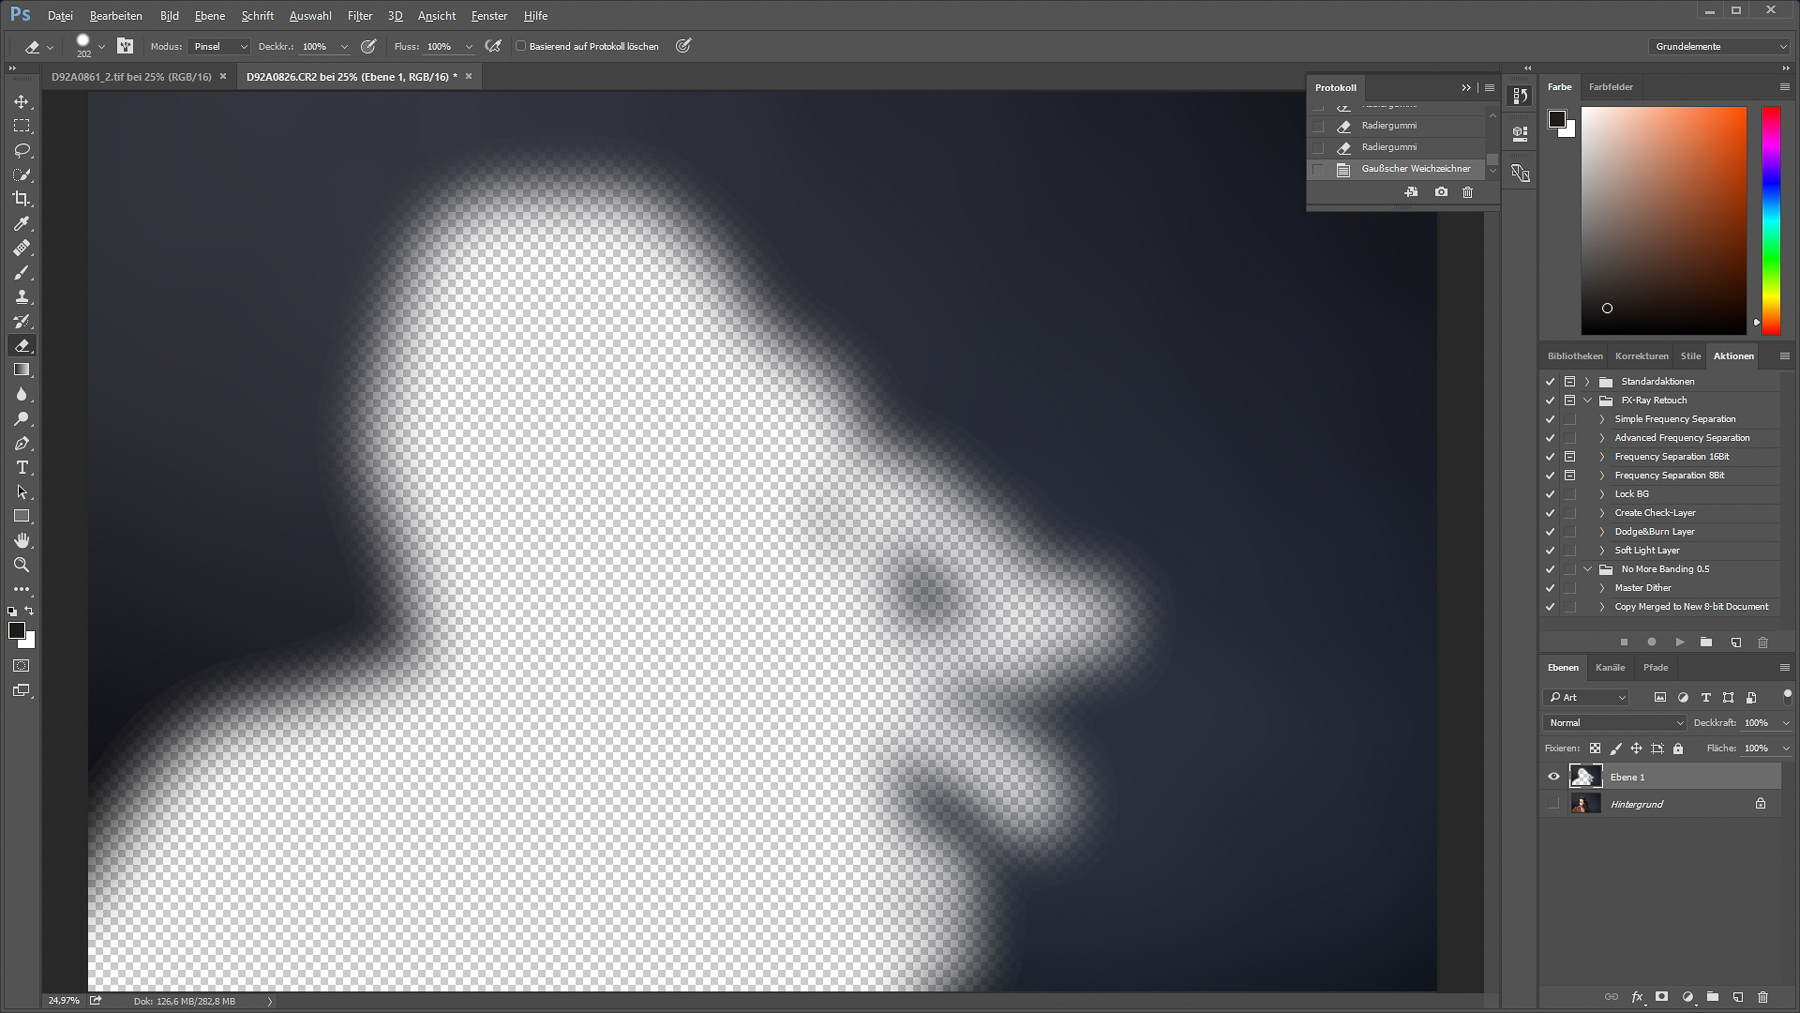 Gaußscher Weichzeichner mit 110 Pixel